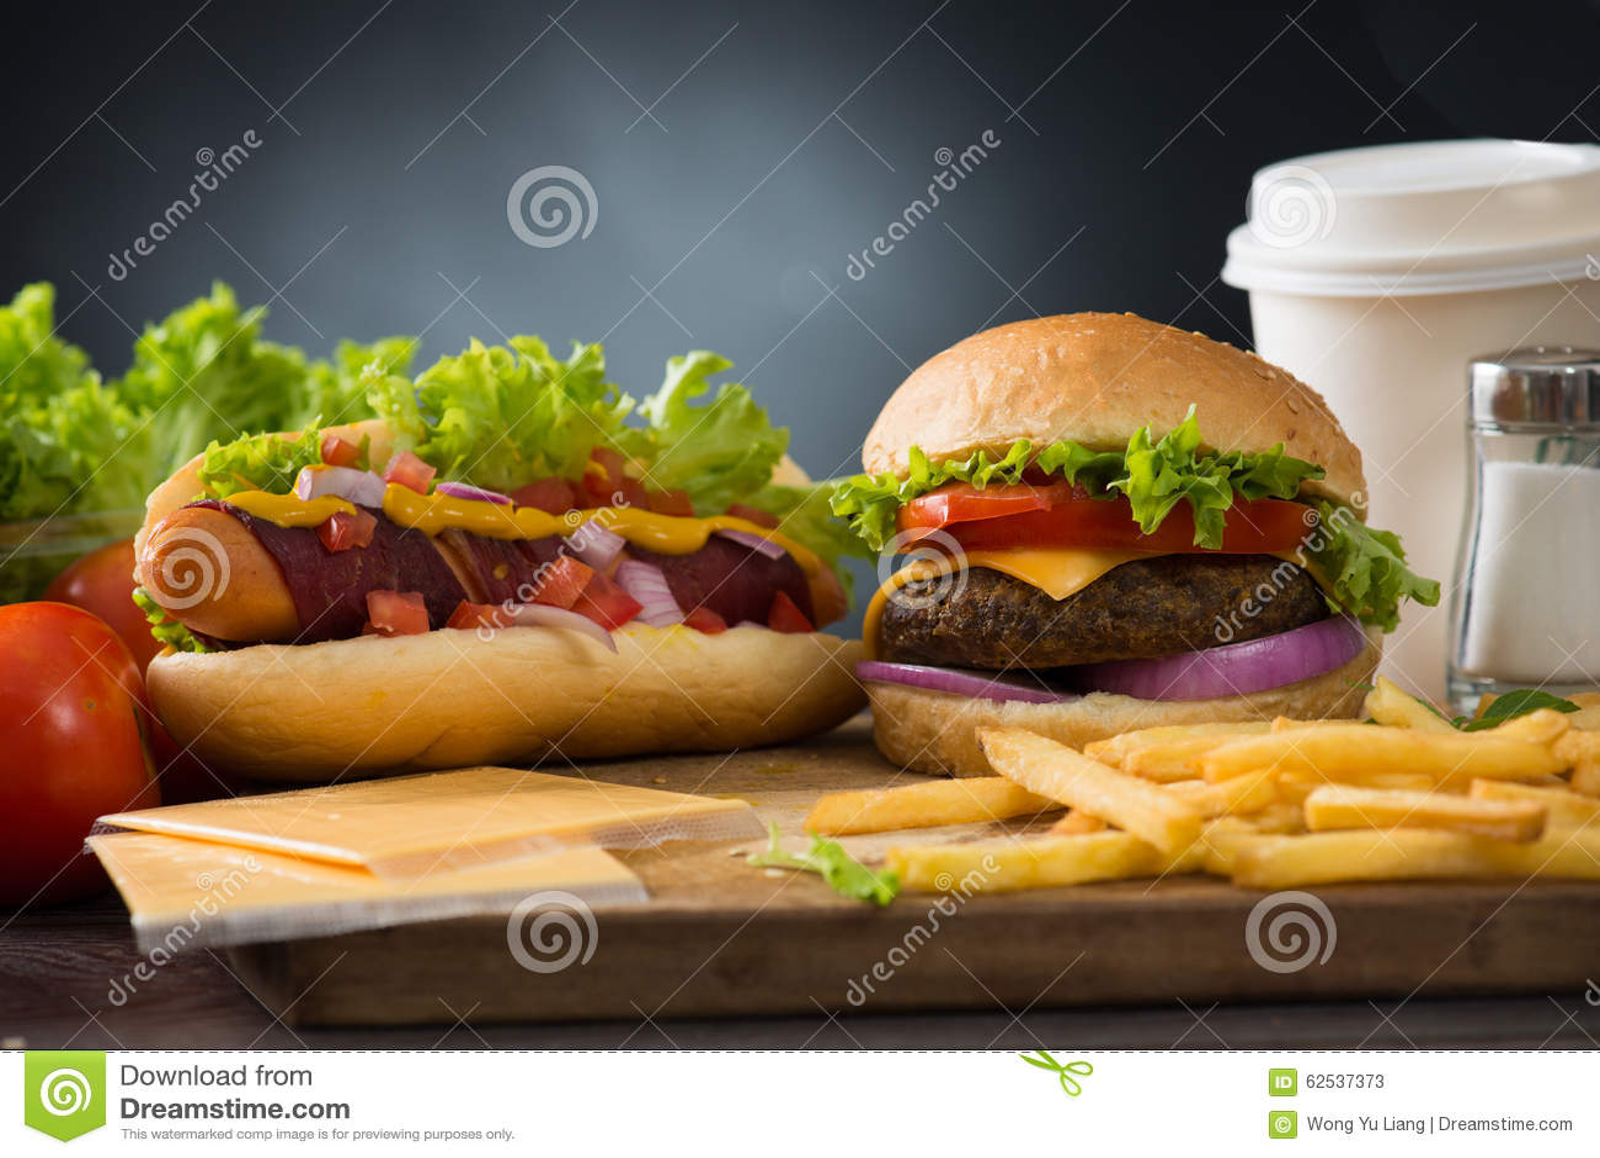 快餐汉堡包,热狗菜单用汉堡